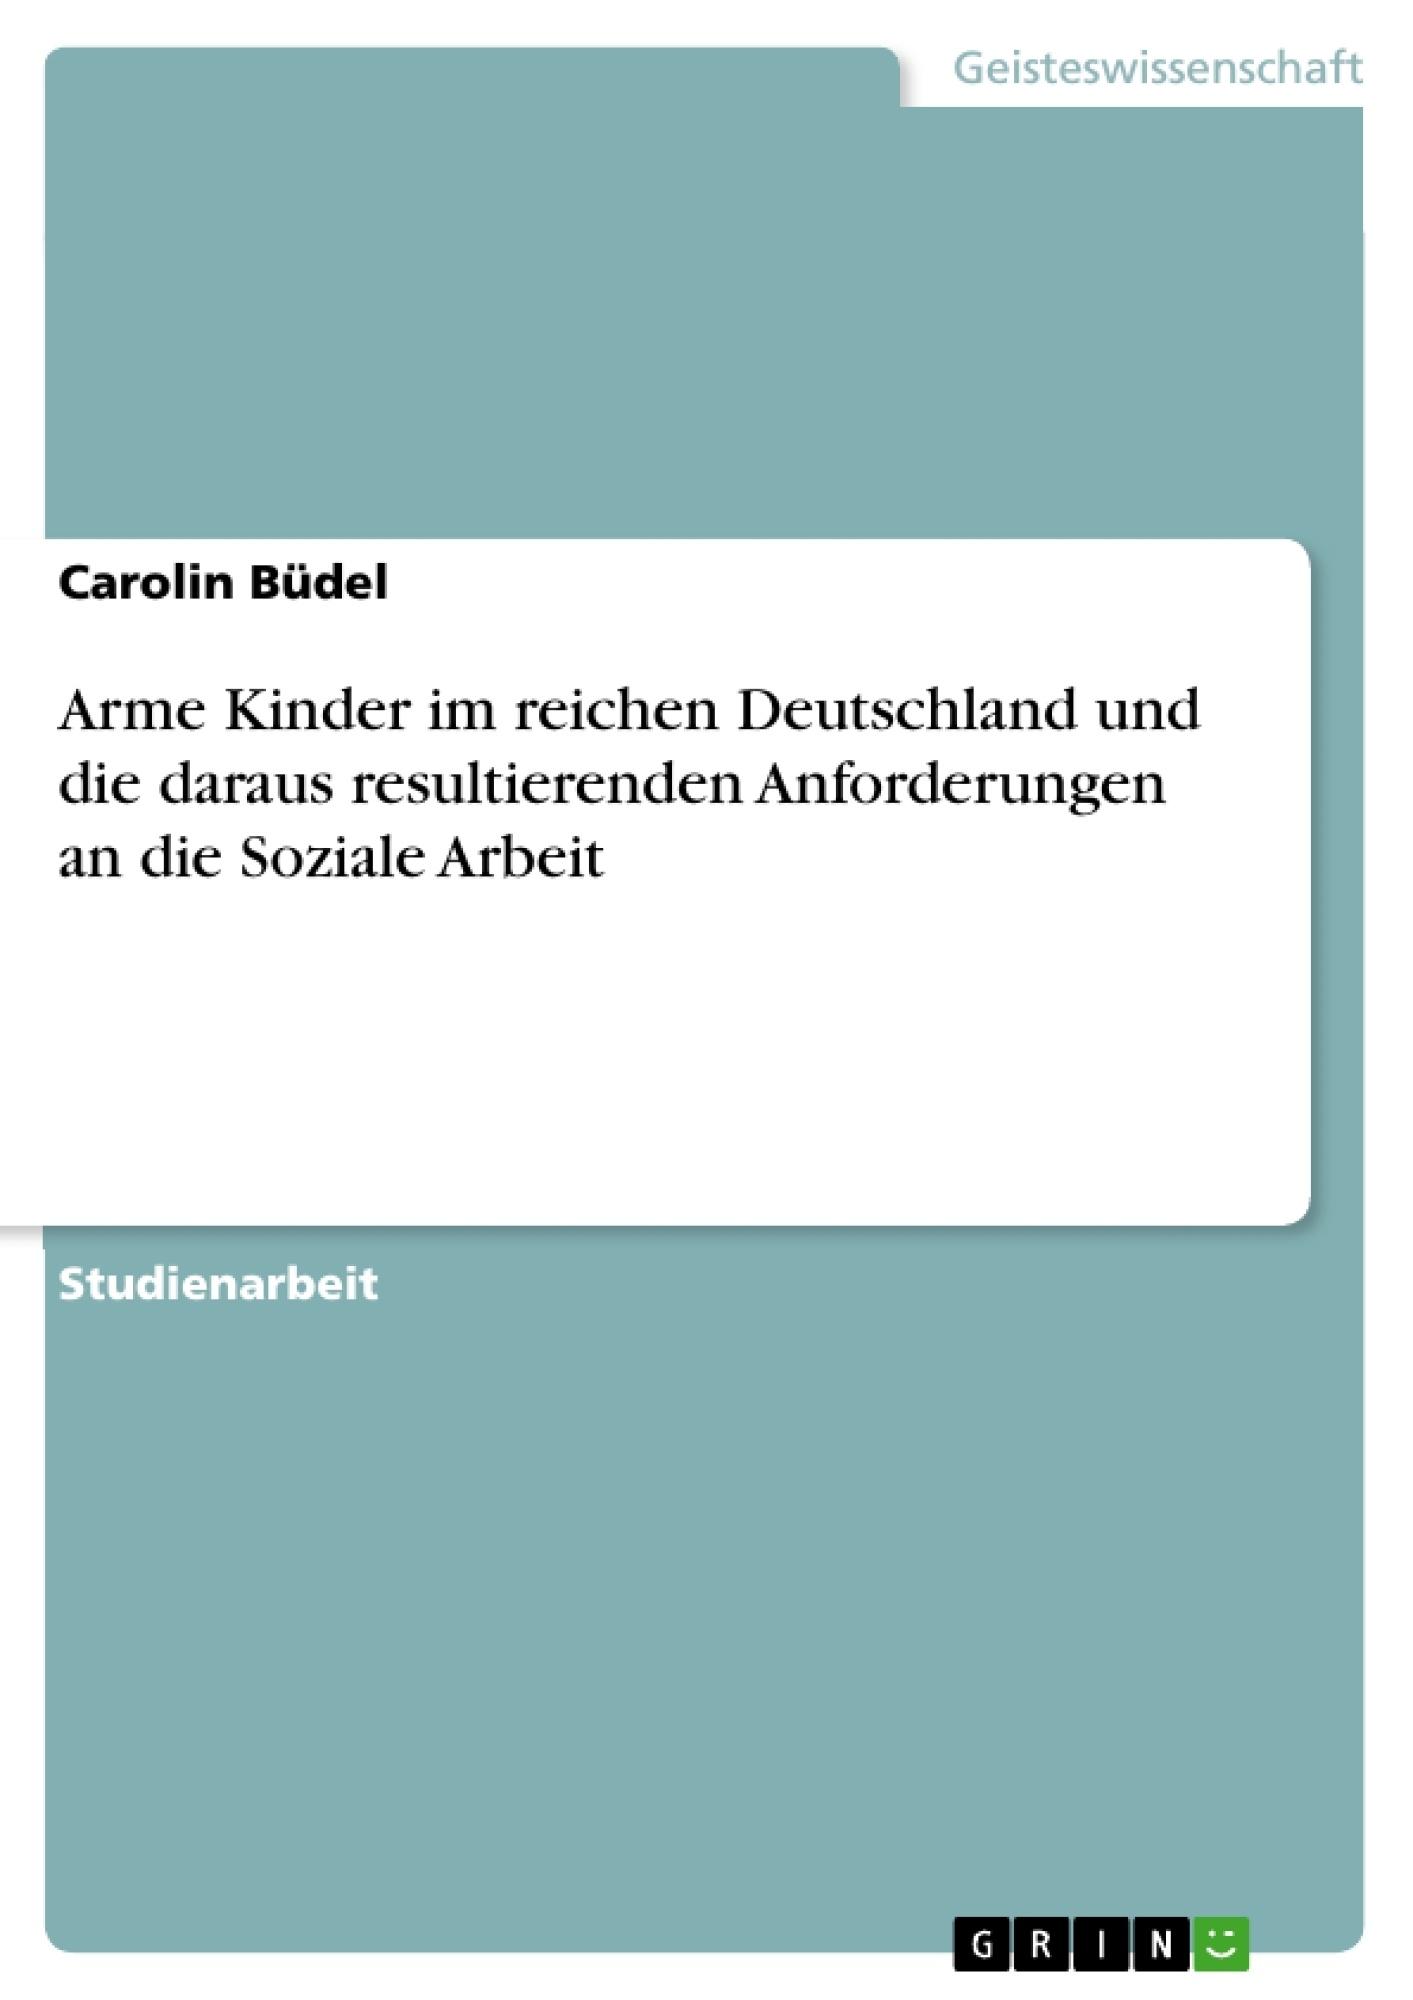 Titel: Arme Kinder im reichen Deutschland und die daraus resultierenden Anforderungen an die Soziale Arbeit